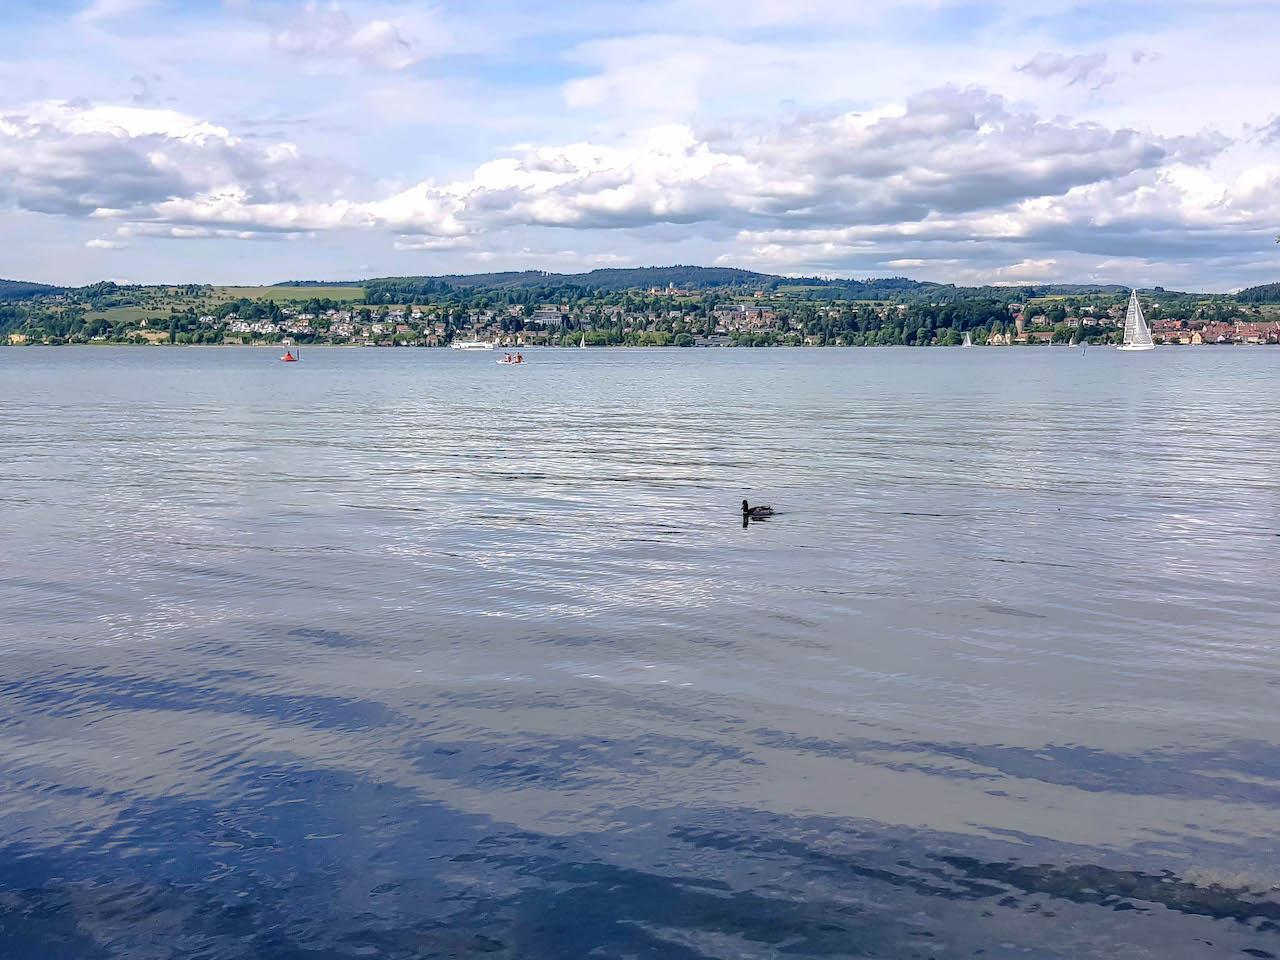 Der Bodensee - einfach schön!